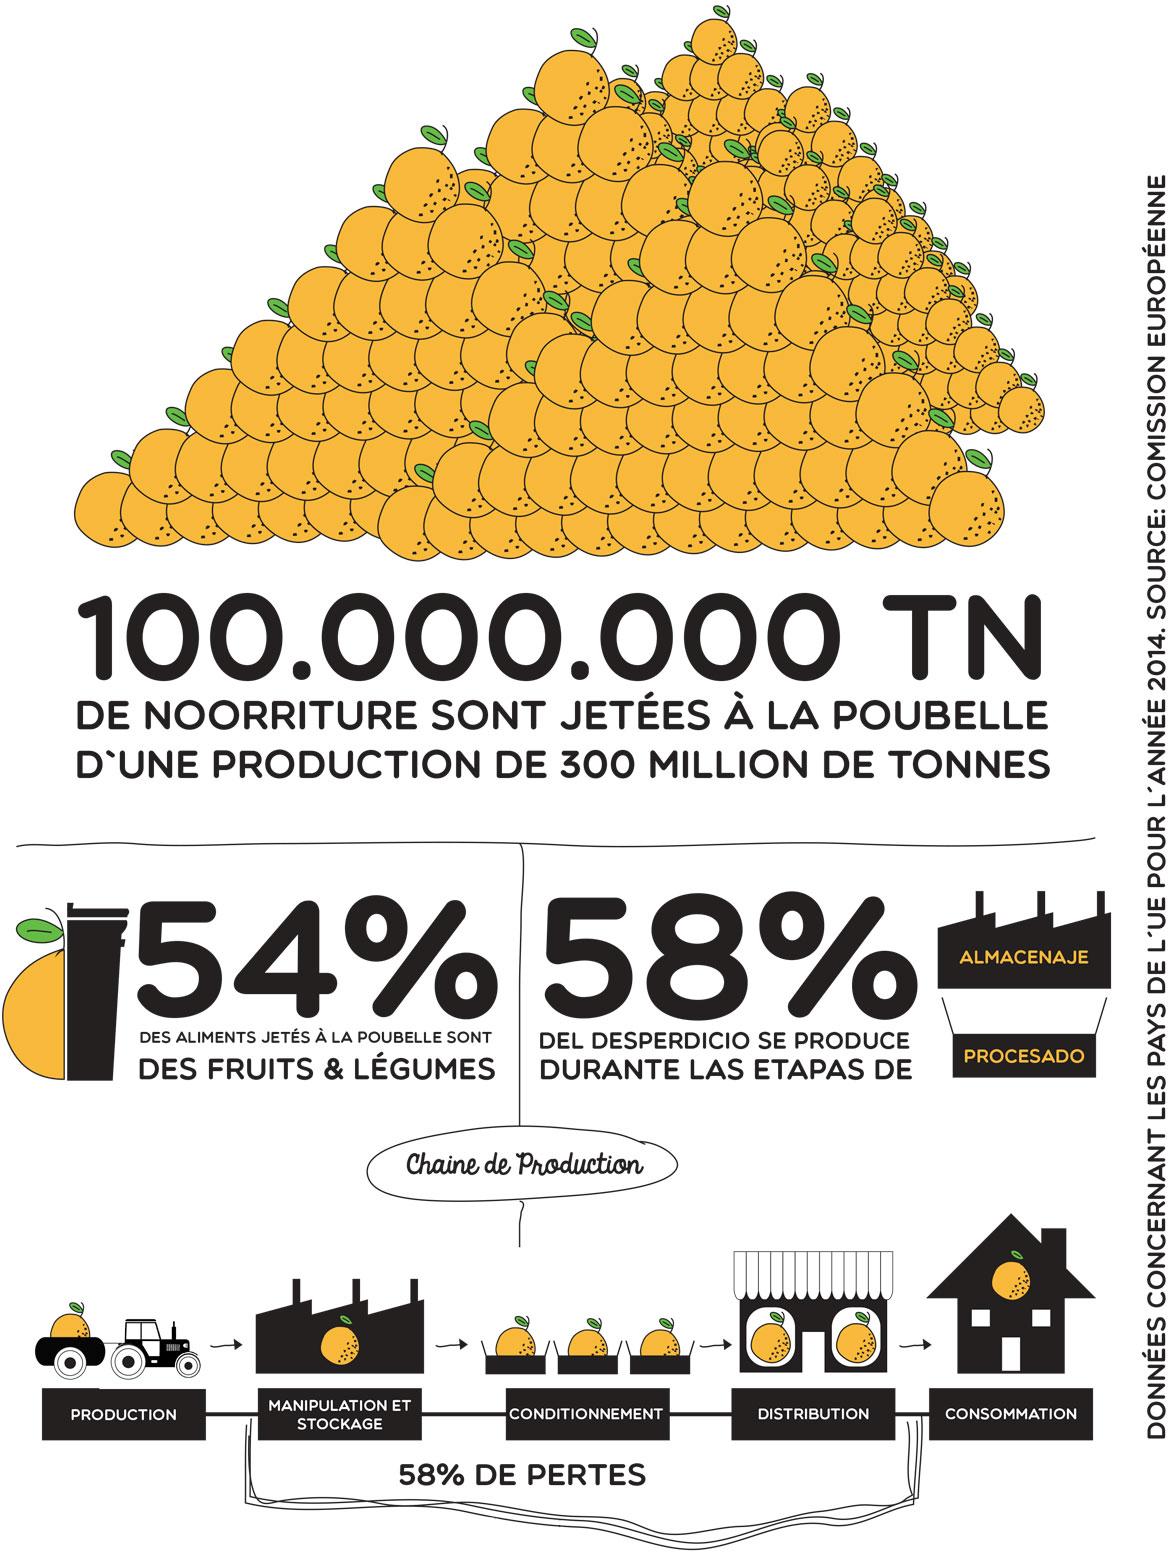 100.000.000 TN de noorriture sont jetées à la poubelle d'une production de 300 million de tonnes, 54% des aliments jetés à la poubelle sont des fruits & légumes, 58% of this waste occurs at an early stage during storage and processing.